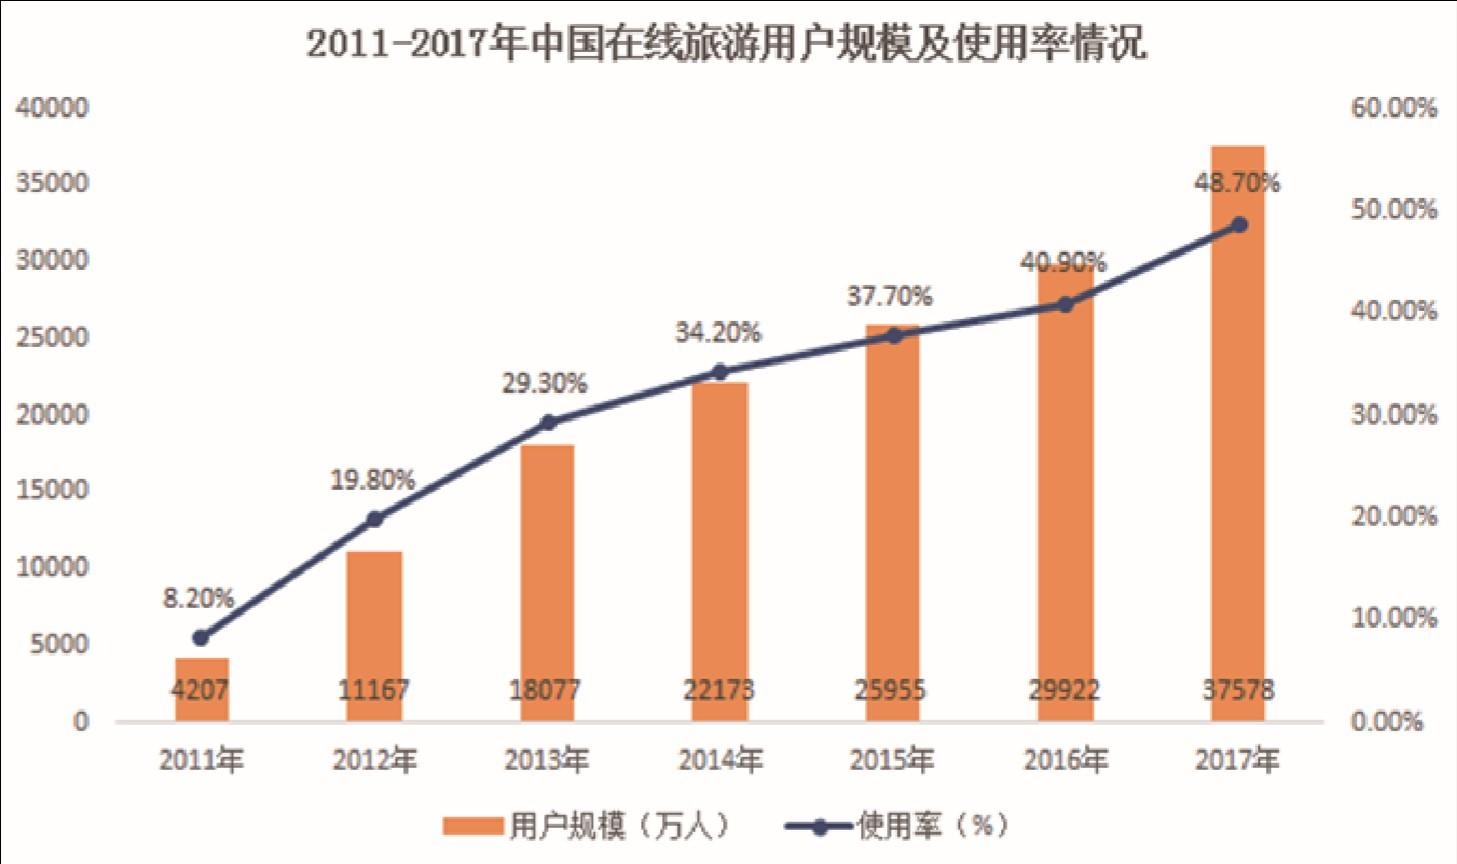 数据:2018中国住宿业市场网络口碑报告